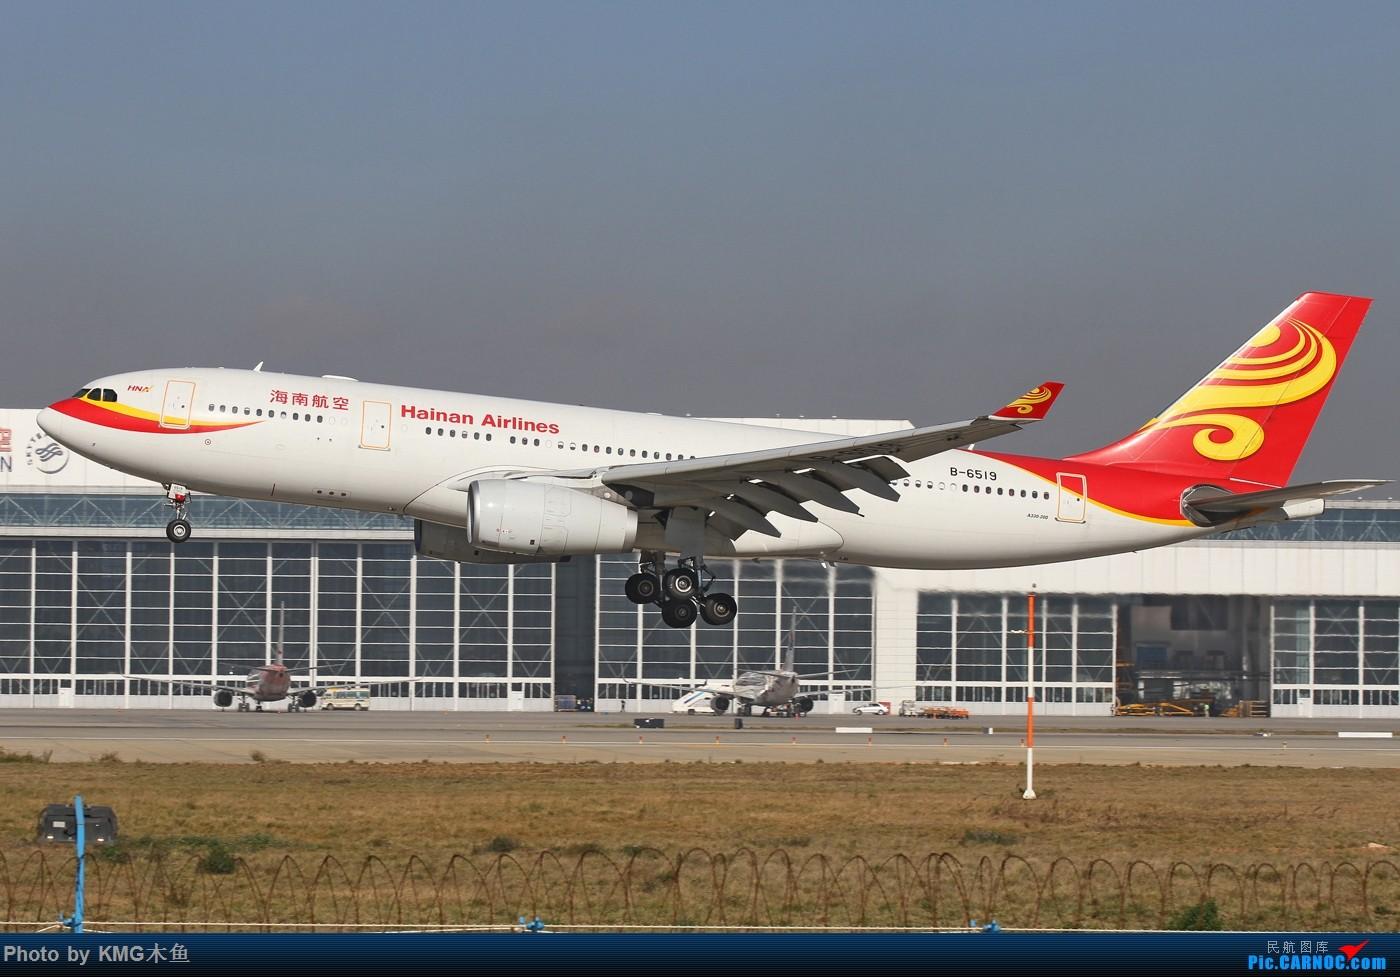 Re:[原创]【KMG昆明长水国际机场】好天气,拍到了好灰机,愉快的一天 AIRBUS A330-200 B-6519 中国昆明长水国际机场